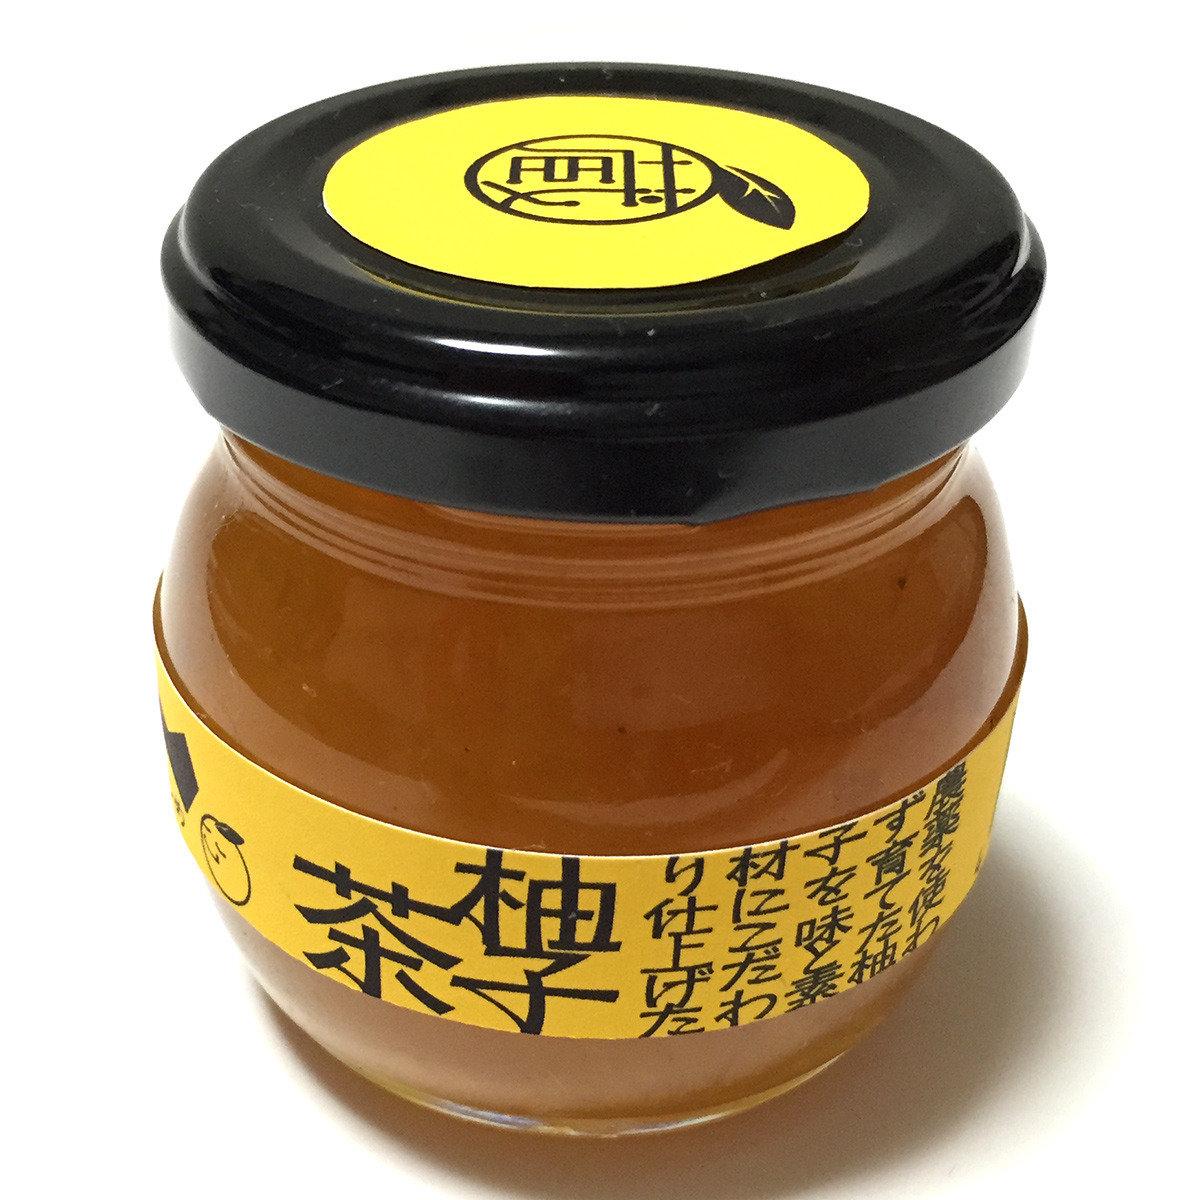 柚子茶 (125克)